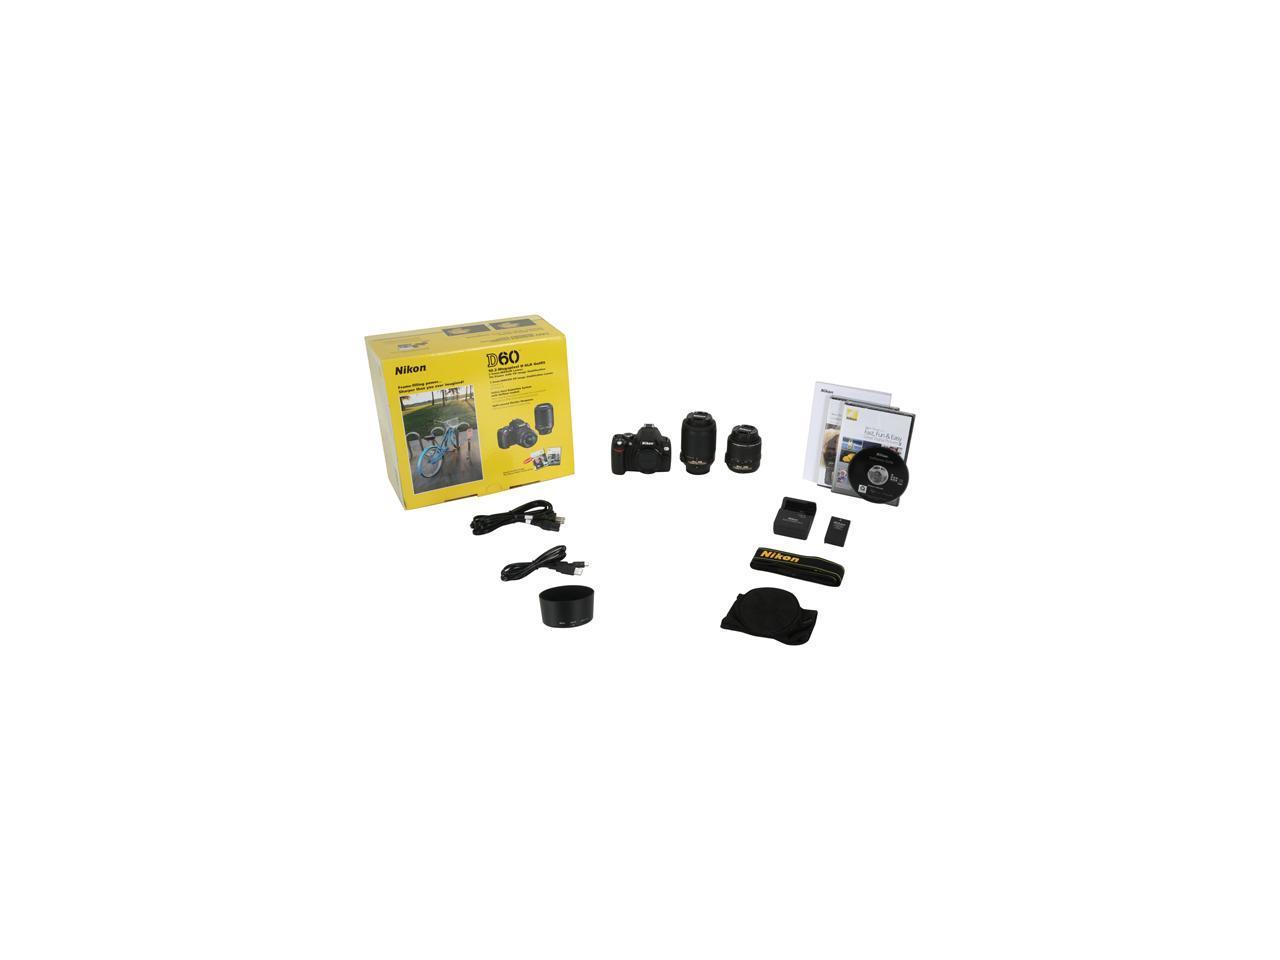 Nikon D60 Black Digital SLR Camera w/AF-S DX VR NIKKOR 18